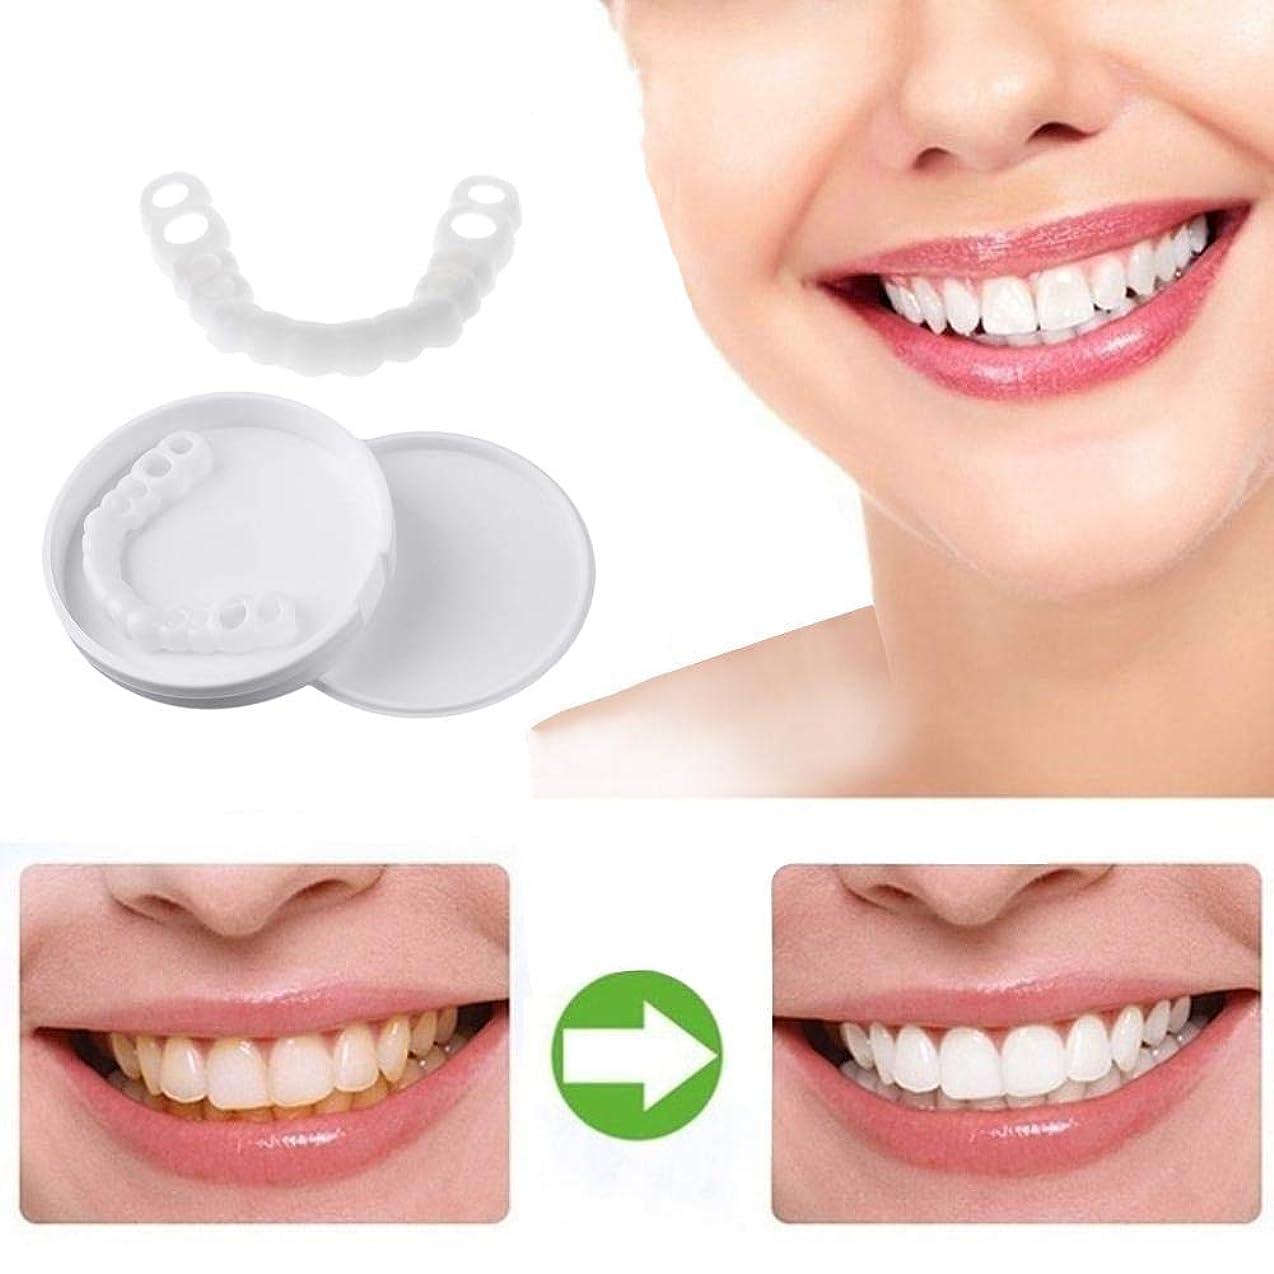 ブーストスワップ破壊的なキットの歯セットスナップキャップをインスタント快適なフレックスパーフェクトベニヤホワイトを白くする12個下歯+ Upperteeth笑顔ベニヤ